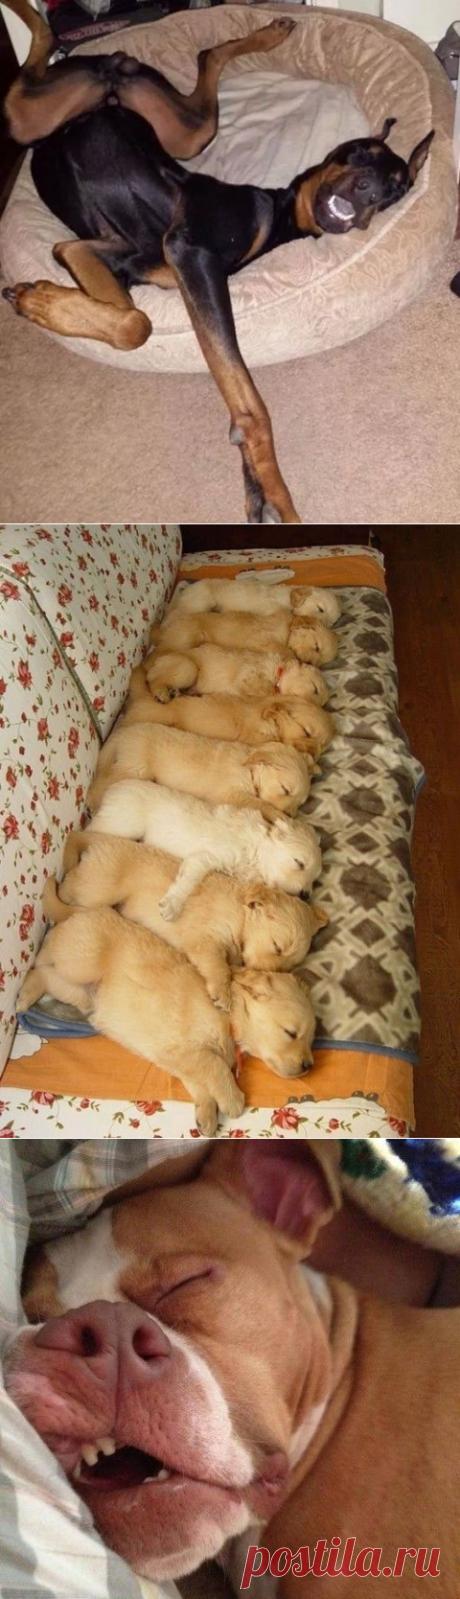 Все, устал!